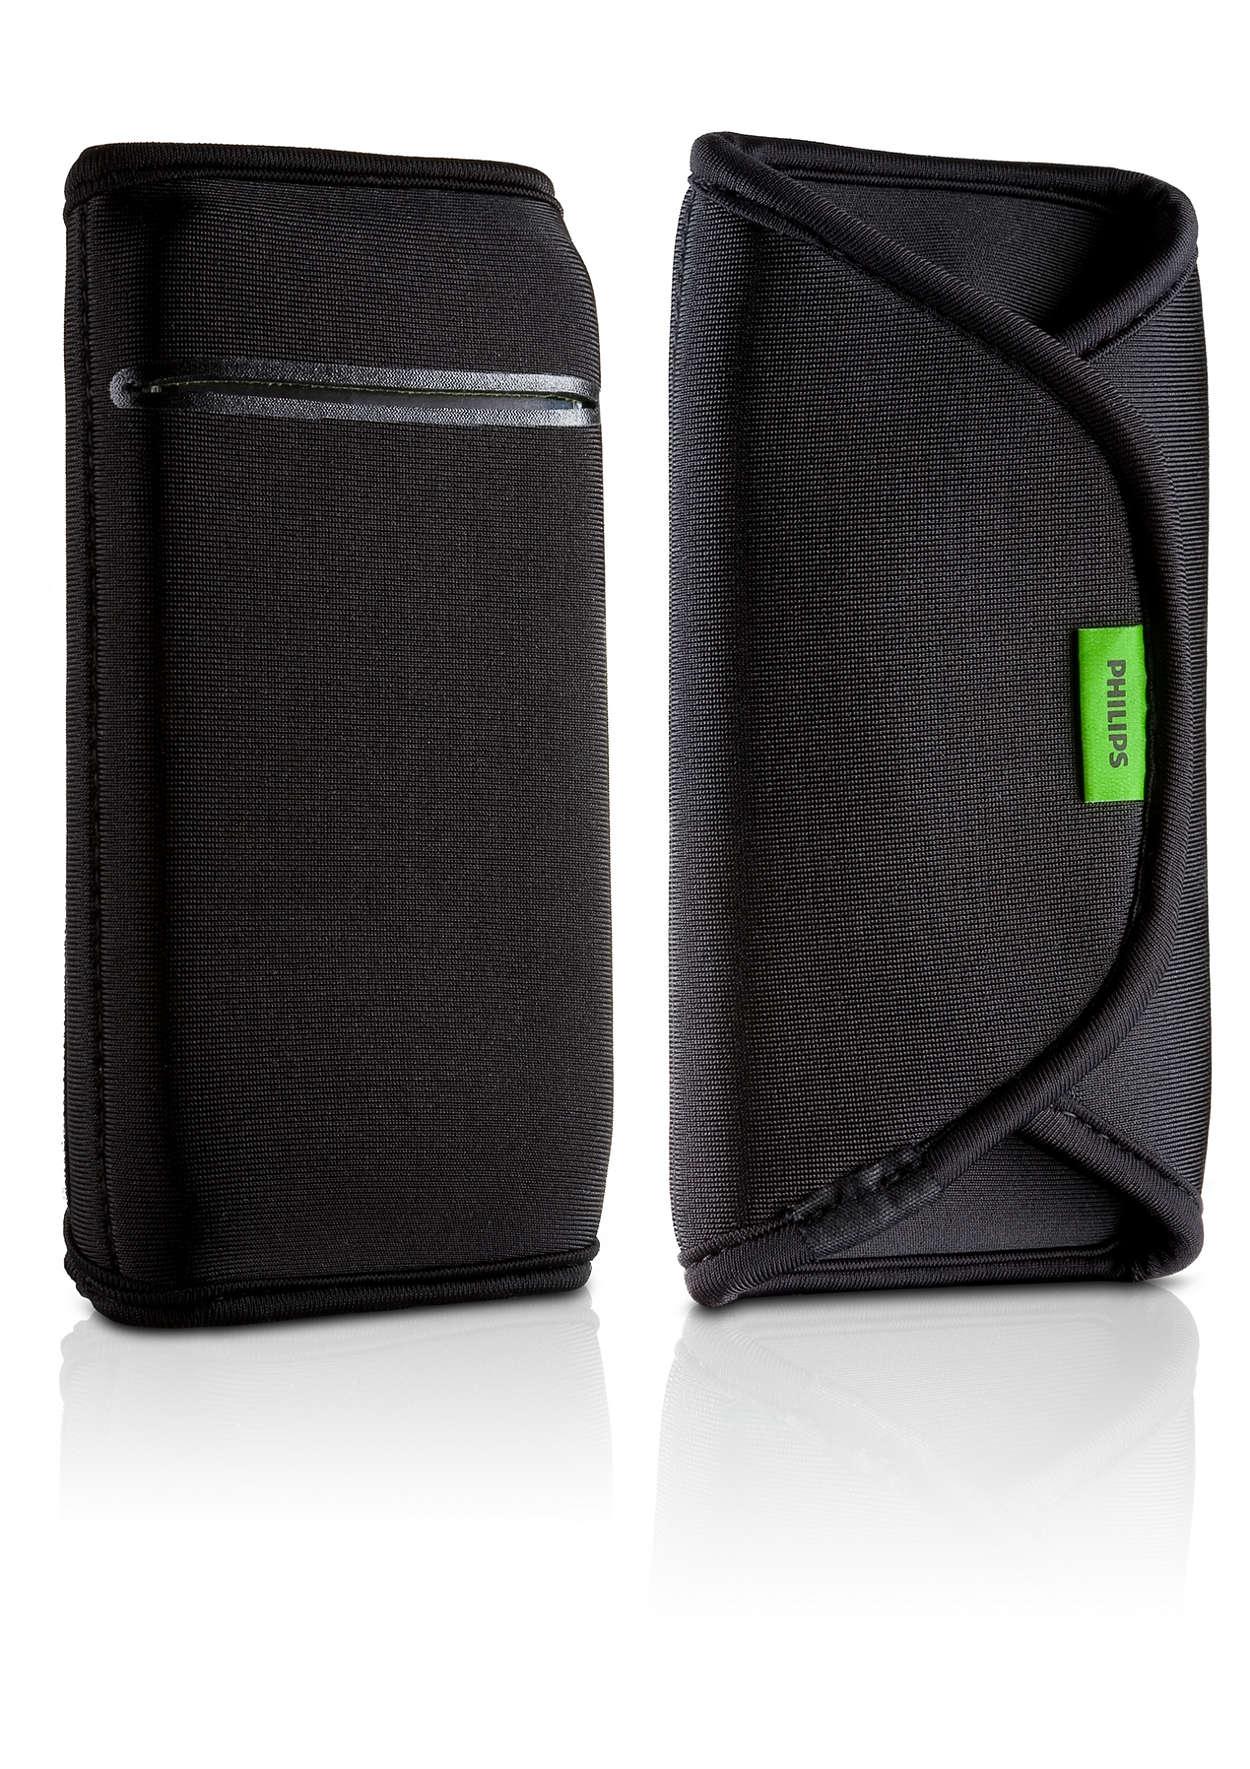 Protégez et transportez votre appareil portable